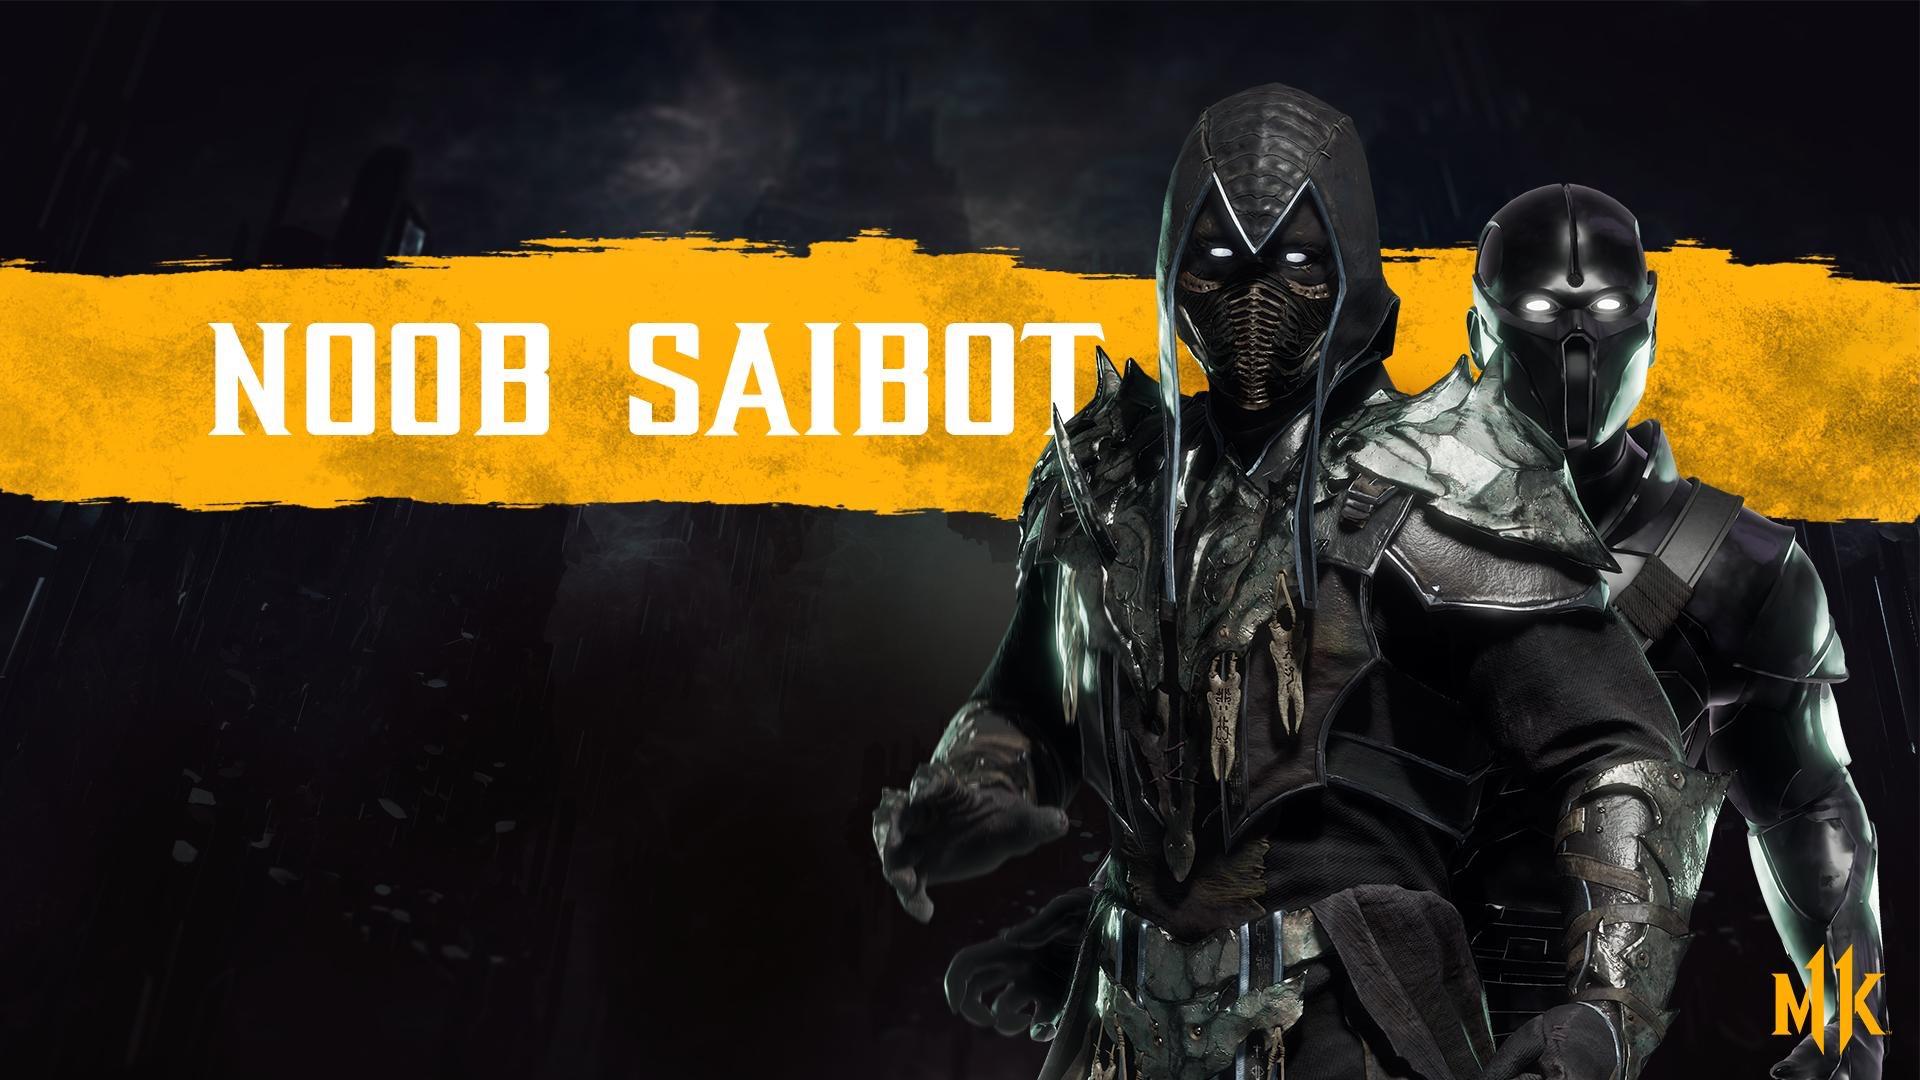 Нуб Сайбот - Mortal Kombat 11